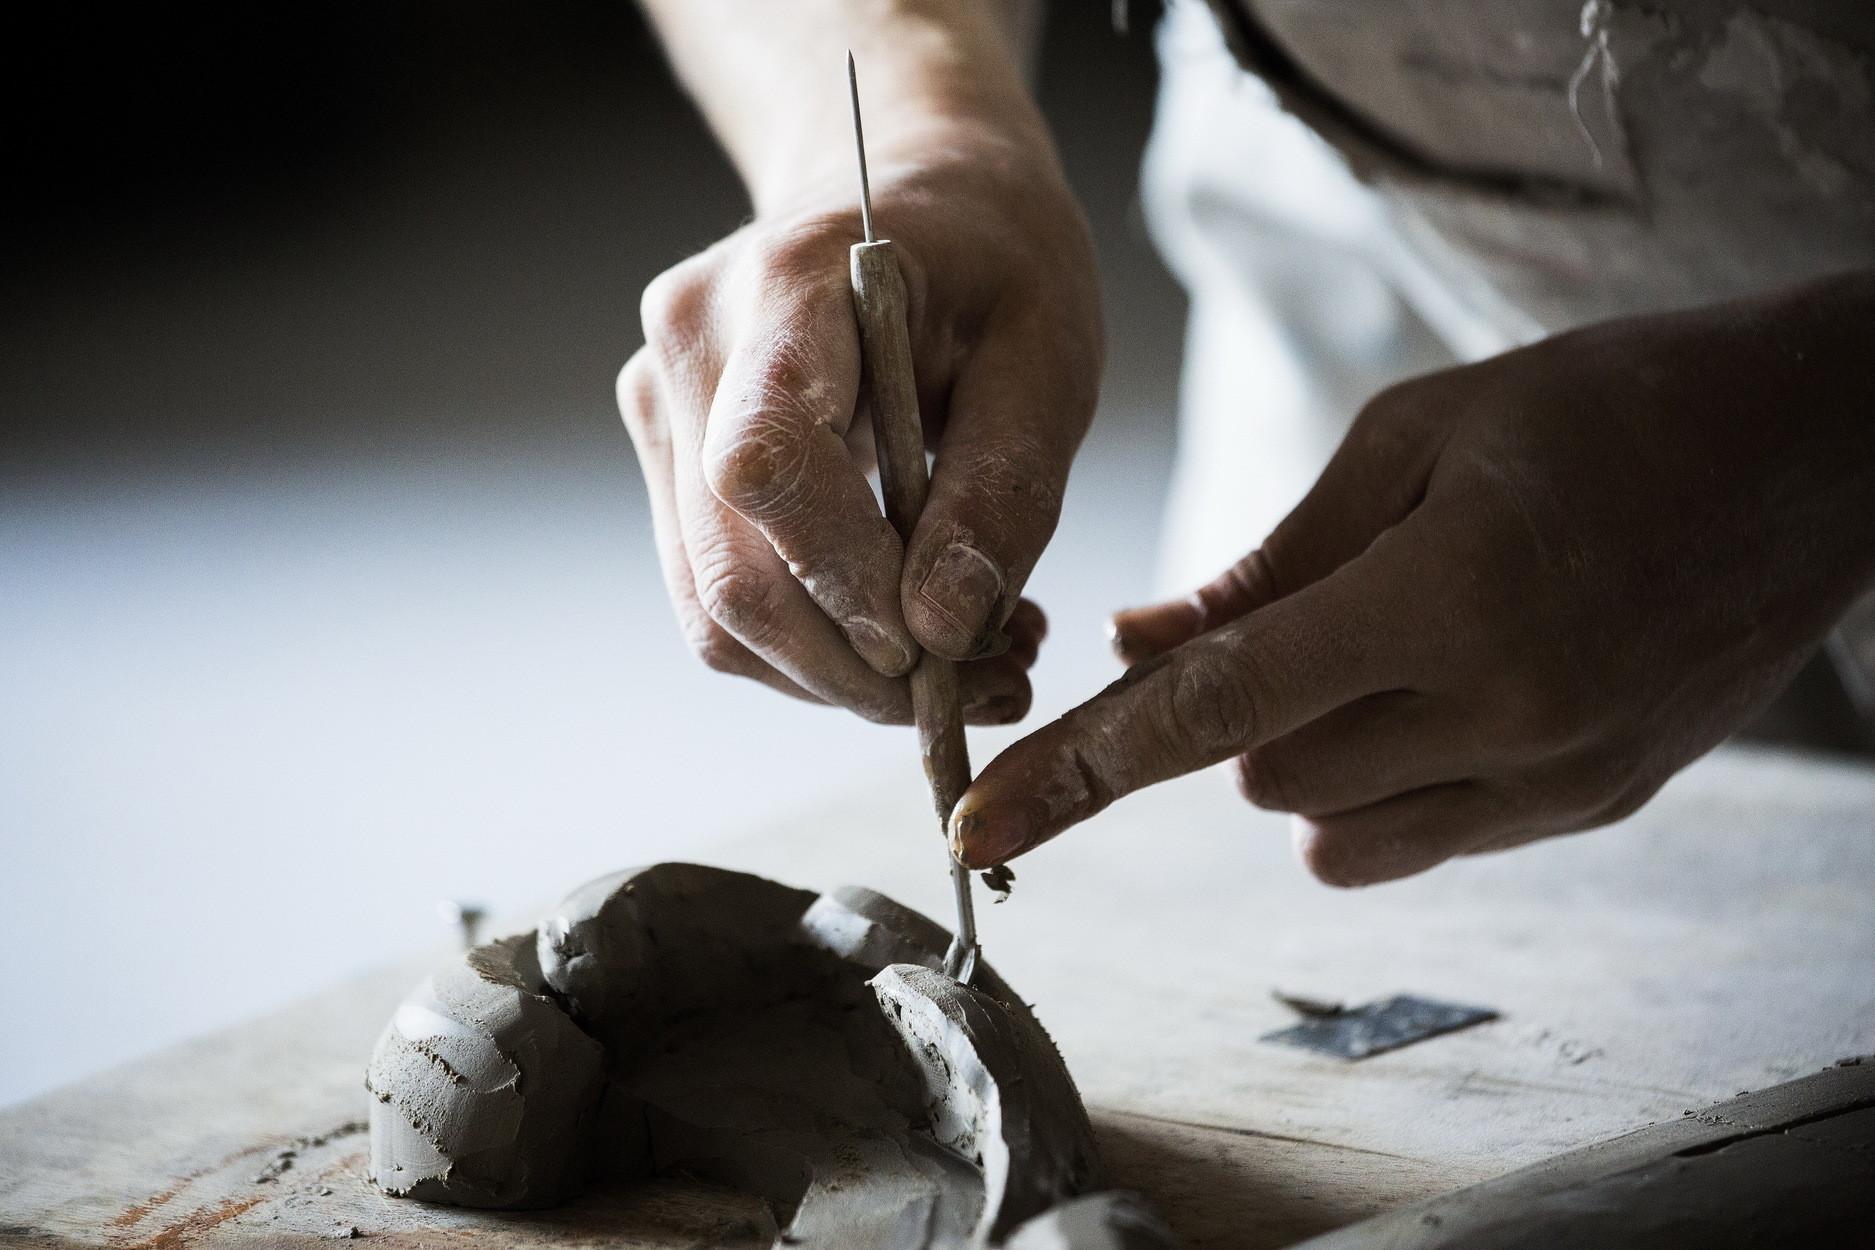 Para Iva, esta arte antiga, outrora trabalhada predominantemente pelas mãos masculinas, é abordada com uma sensibilidade e estética muito especiais